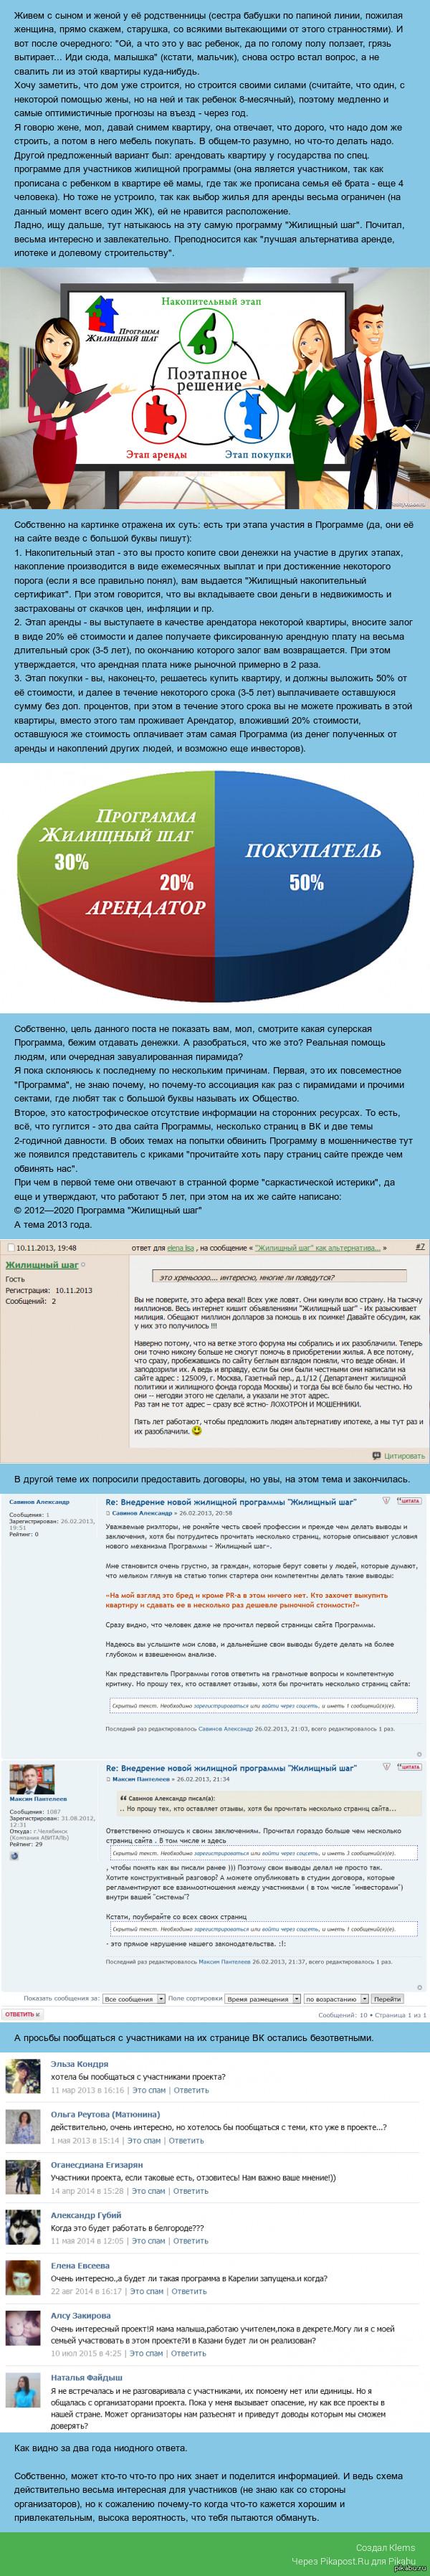 """""""Жилищный шаг"""" - развод или нет? Ссылка на сайт http://www.жилищный-шаг.рф"""